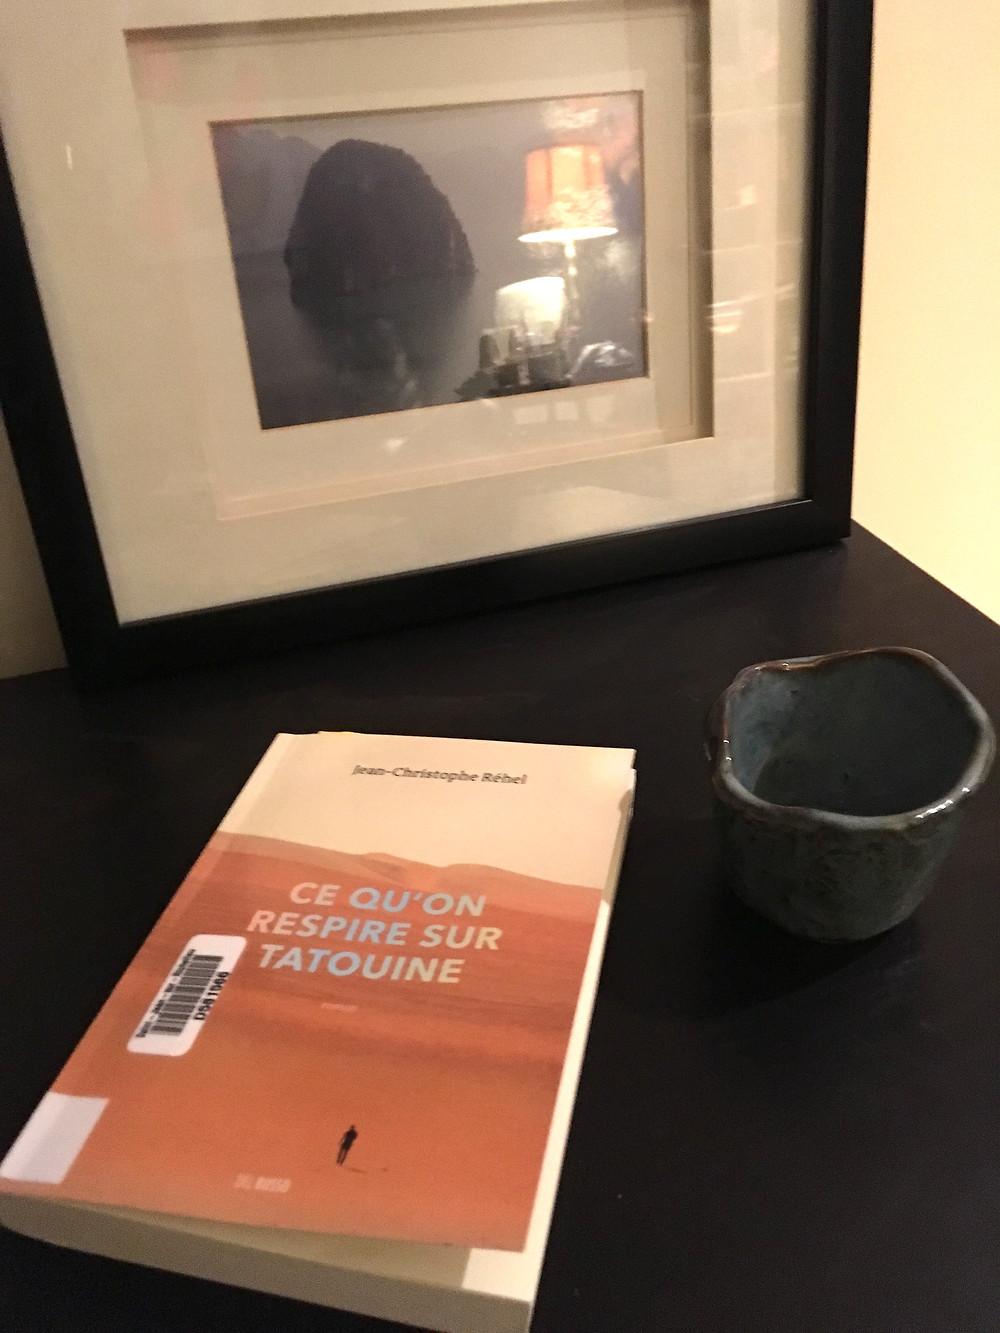 Ce qu'on respire sur Tatouine, Jean-Christophe Réhel, Del Busso